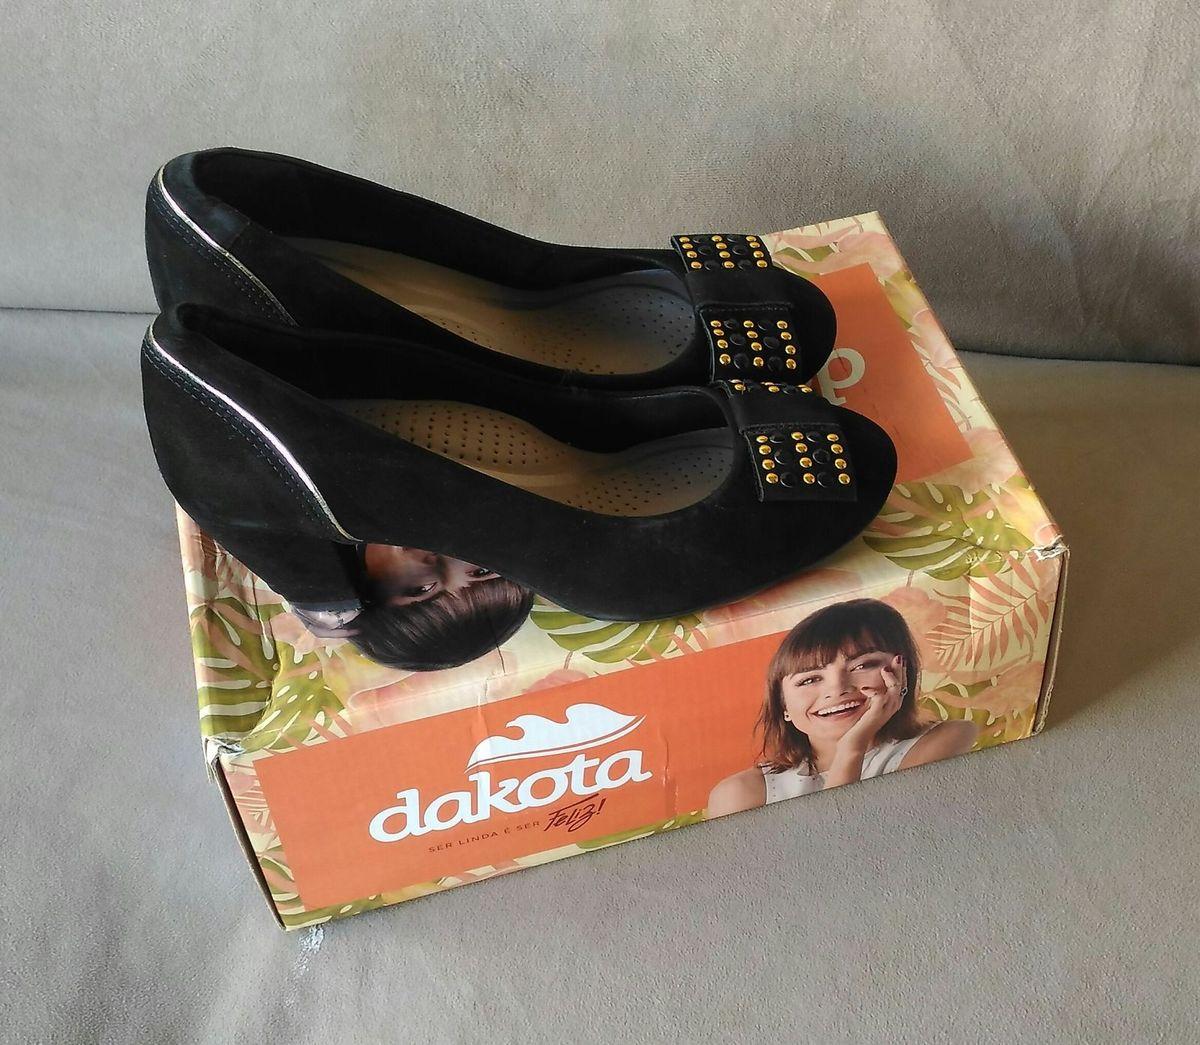 bfcc19dee3 sapatinho dakota - sapatos dakota.  Czm6ly9wag90b3muzw5qb2vplmnvbs5ici9wcm9kdwn0cy8xmdkzndc0lzhkmjm5ndqyn2i1yjrmzda2yjezzjuymtzkytfizgzmlmpwzw  ...